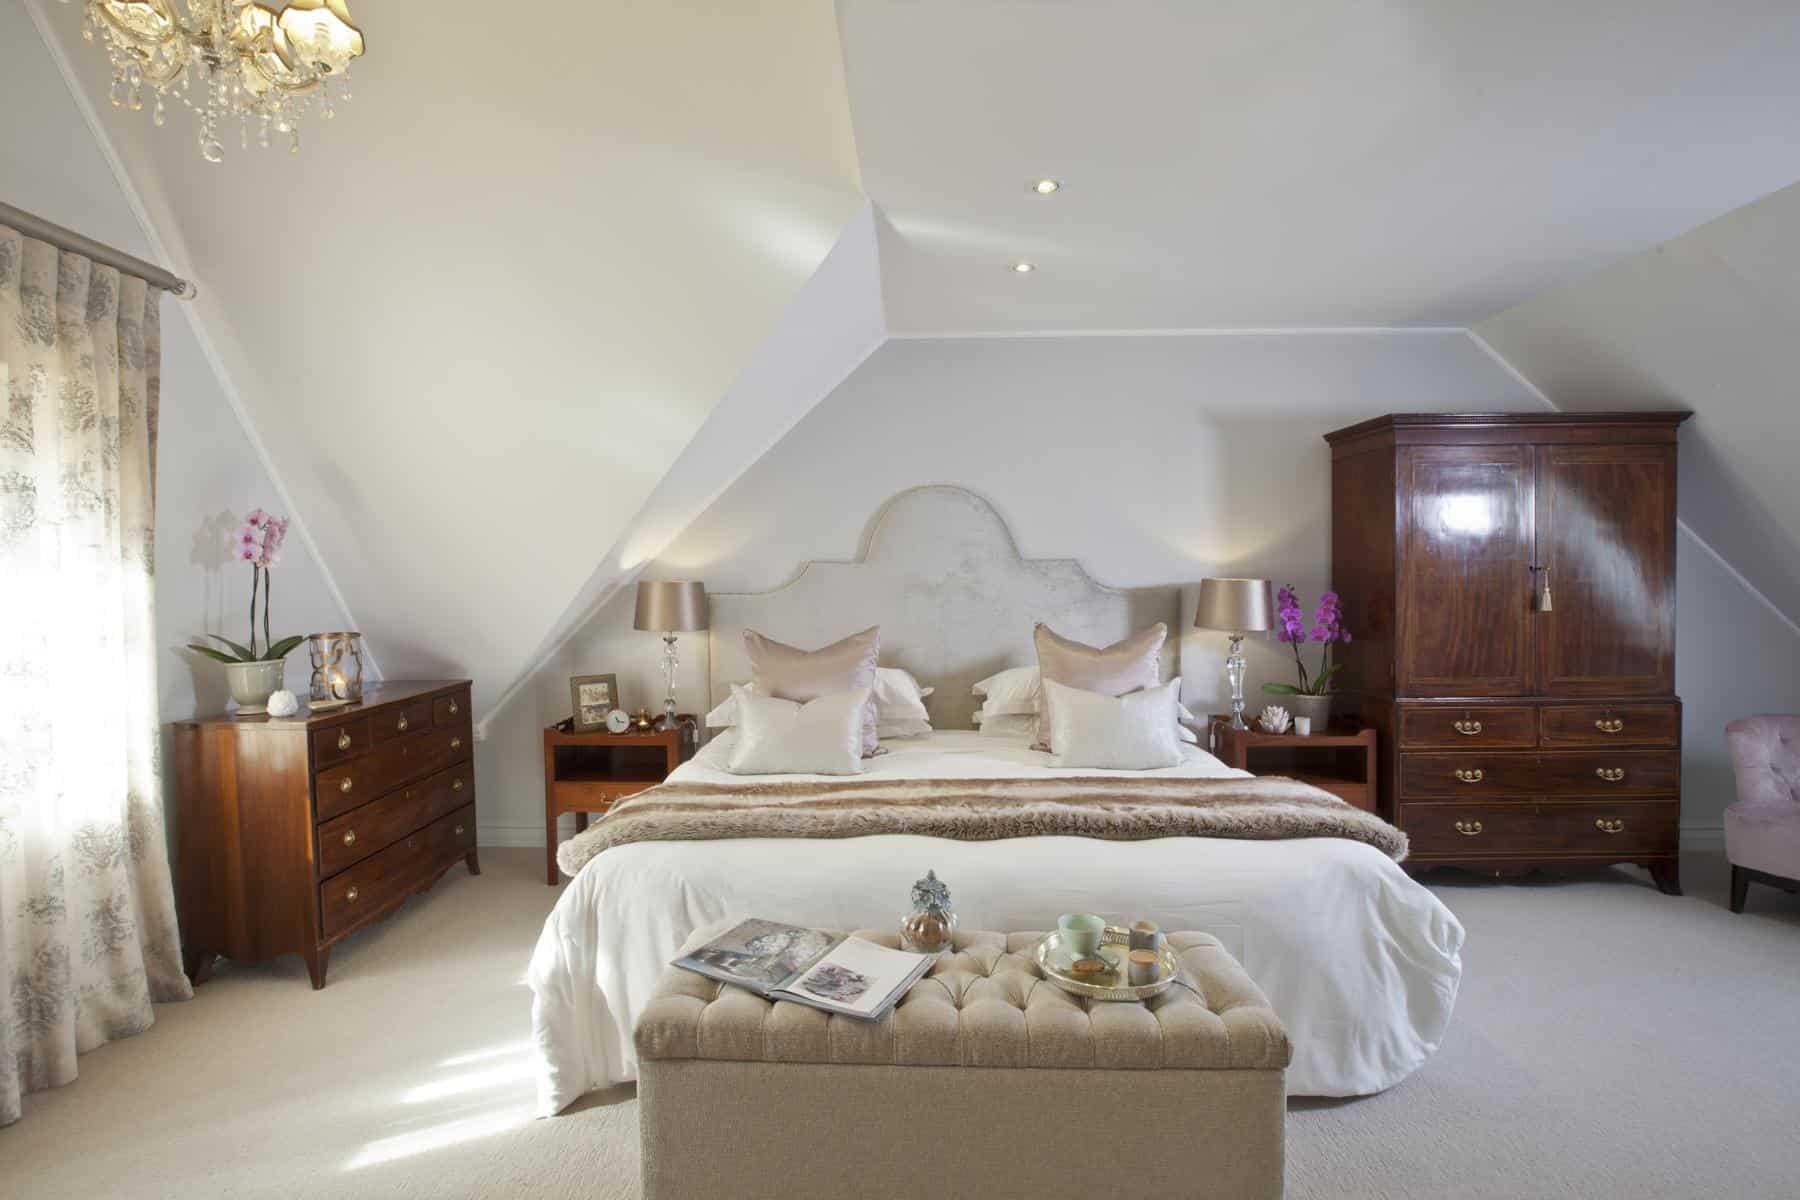 Steenberg-Farm-Standard-Double-Room-3